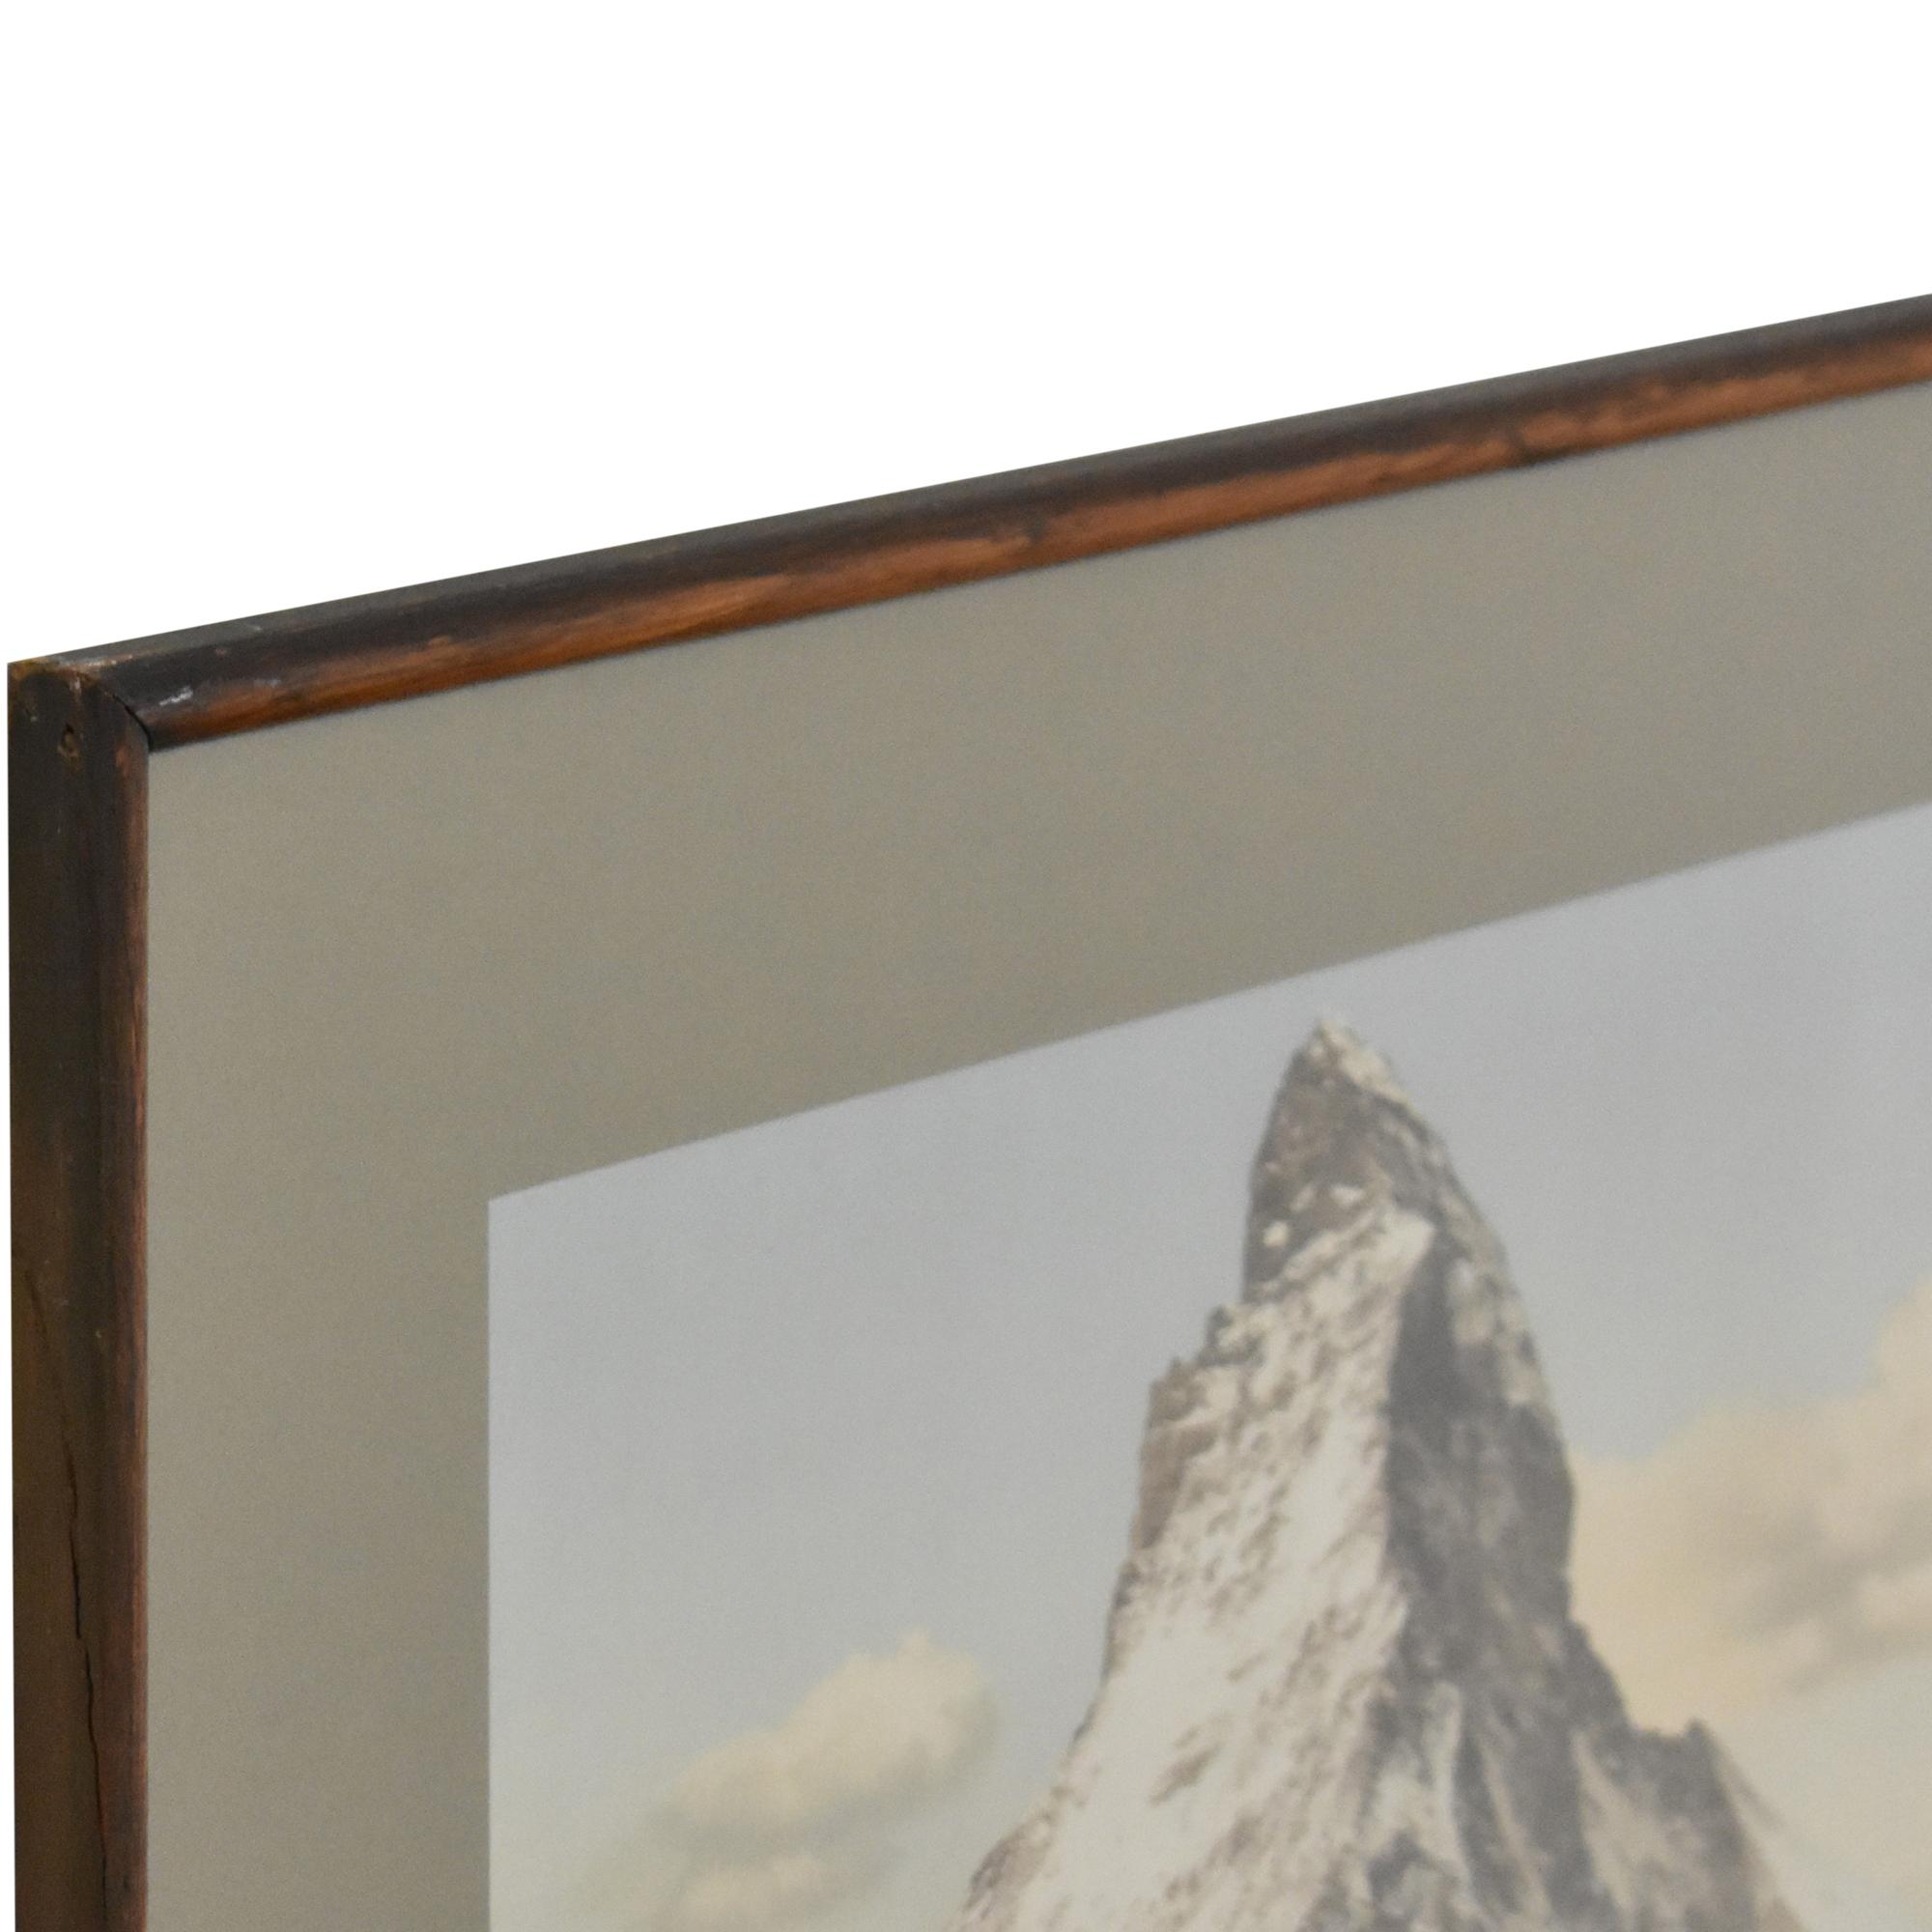 Matterhorn Mountain Wall Art for sale